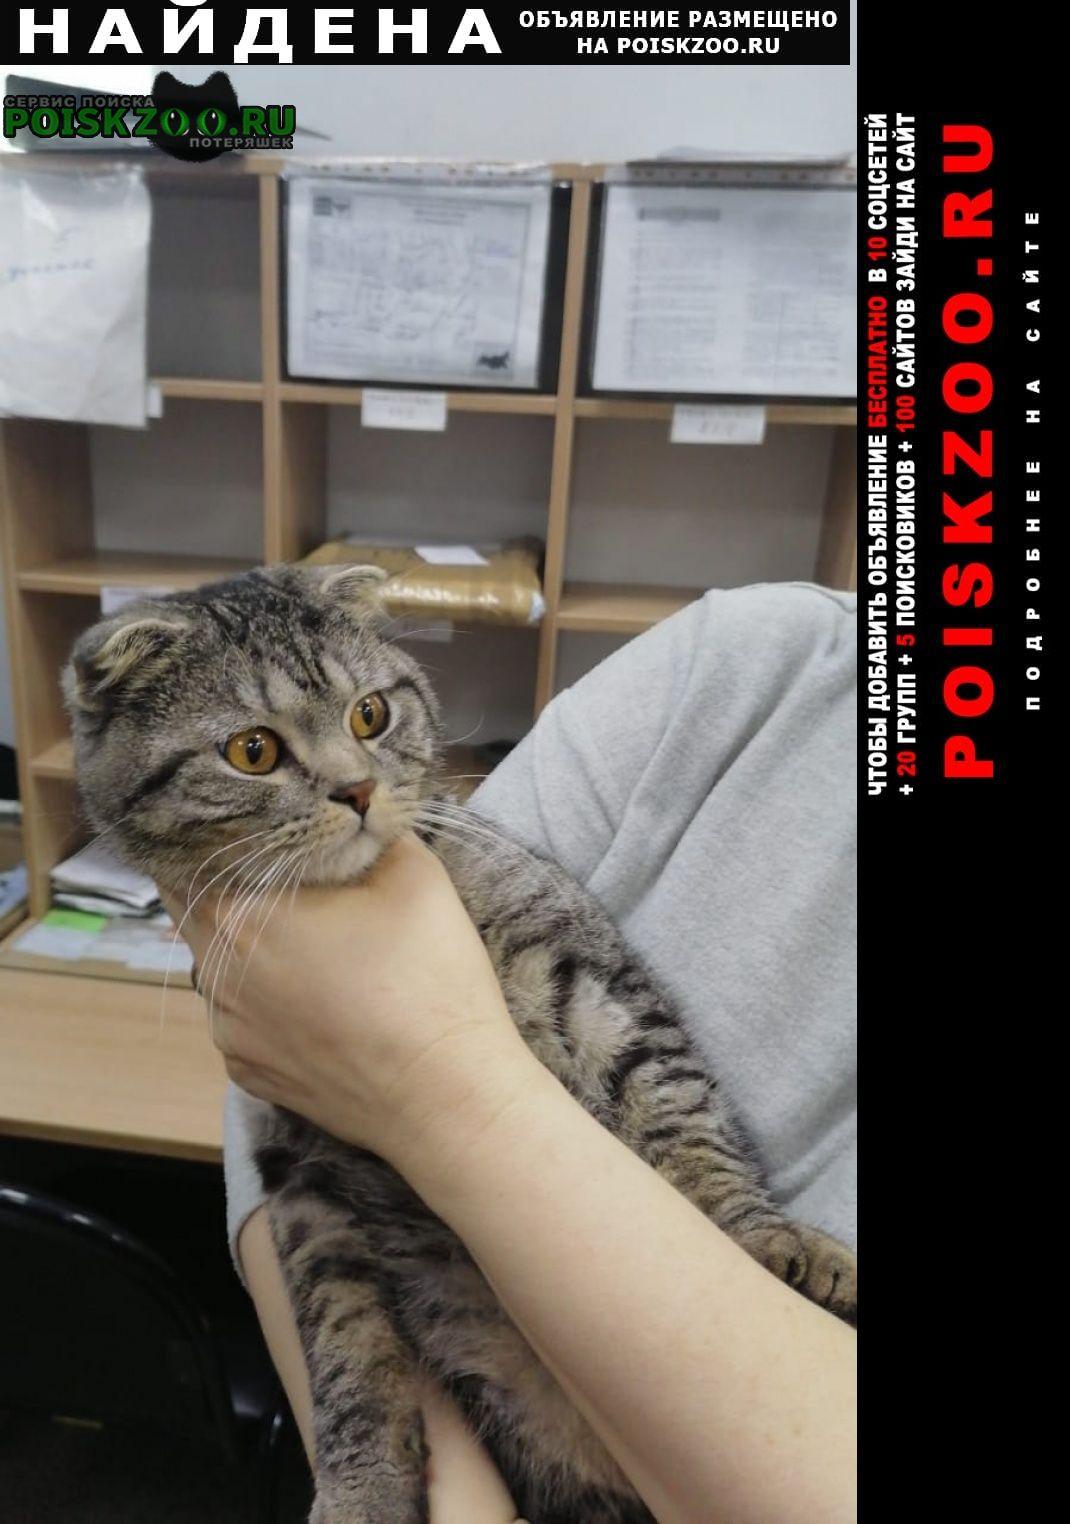 Найден кот молодой ик Москва